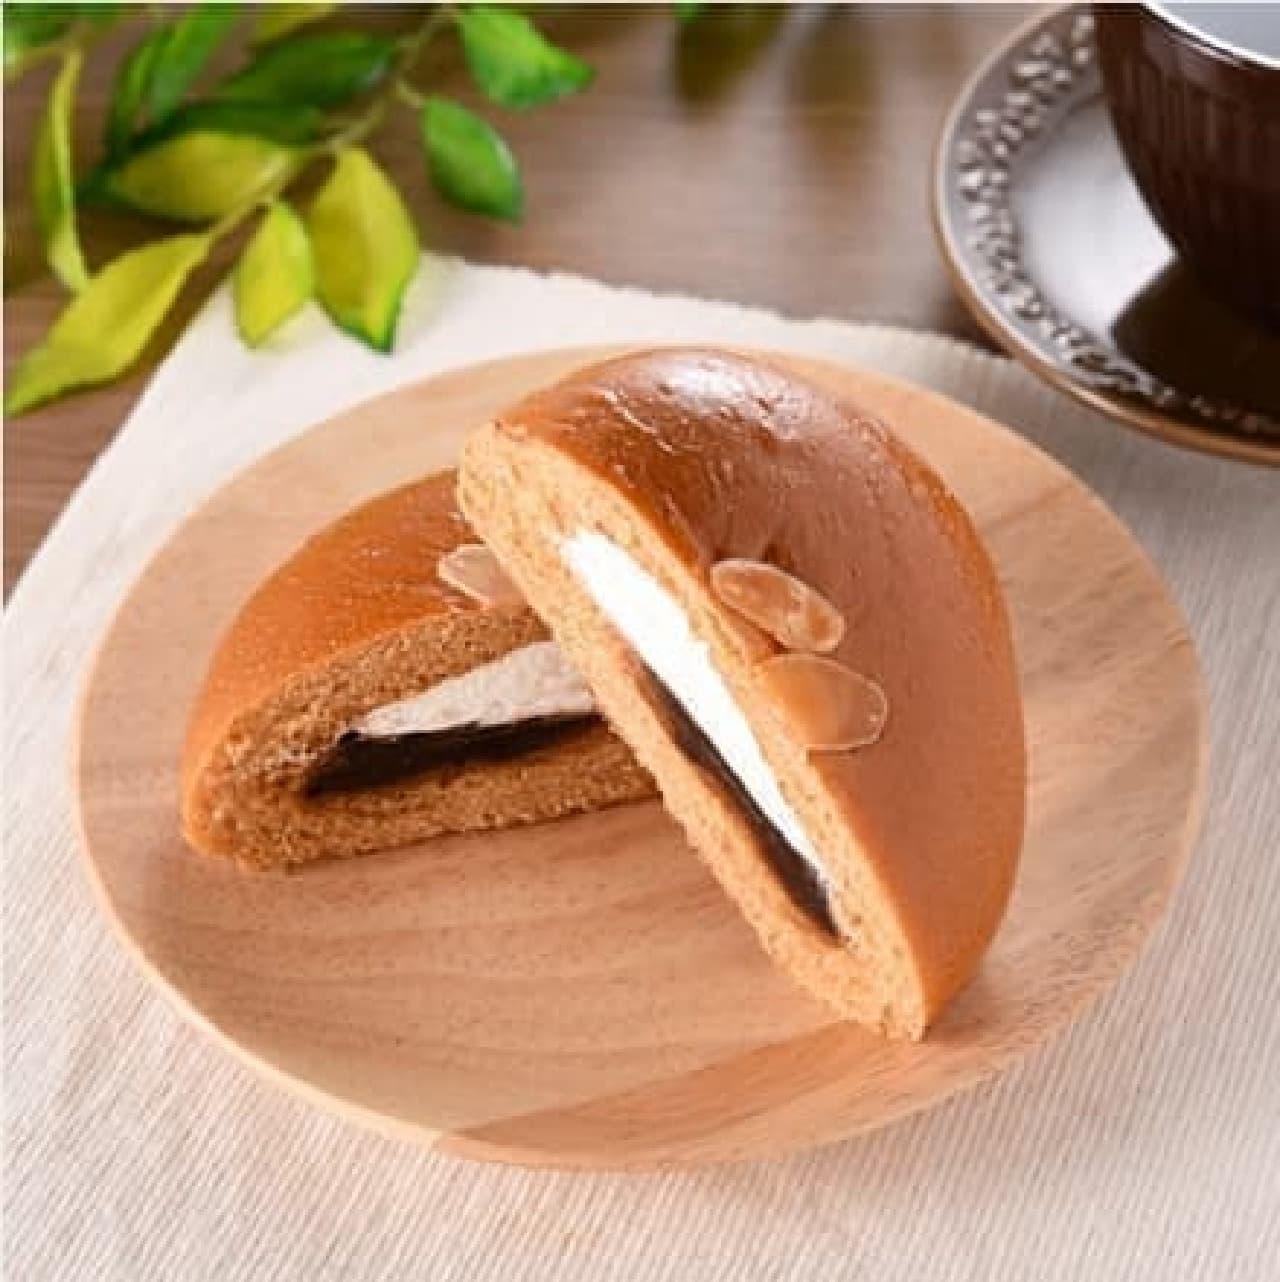 ファミリーマート「コーヒーあんぱん(ホイップクリーム入り)」